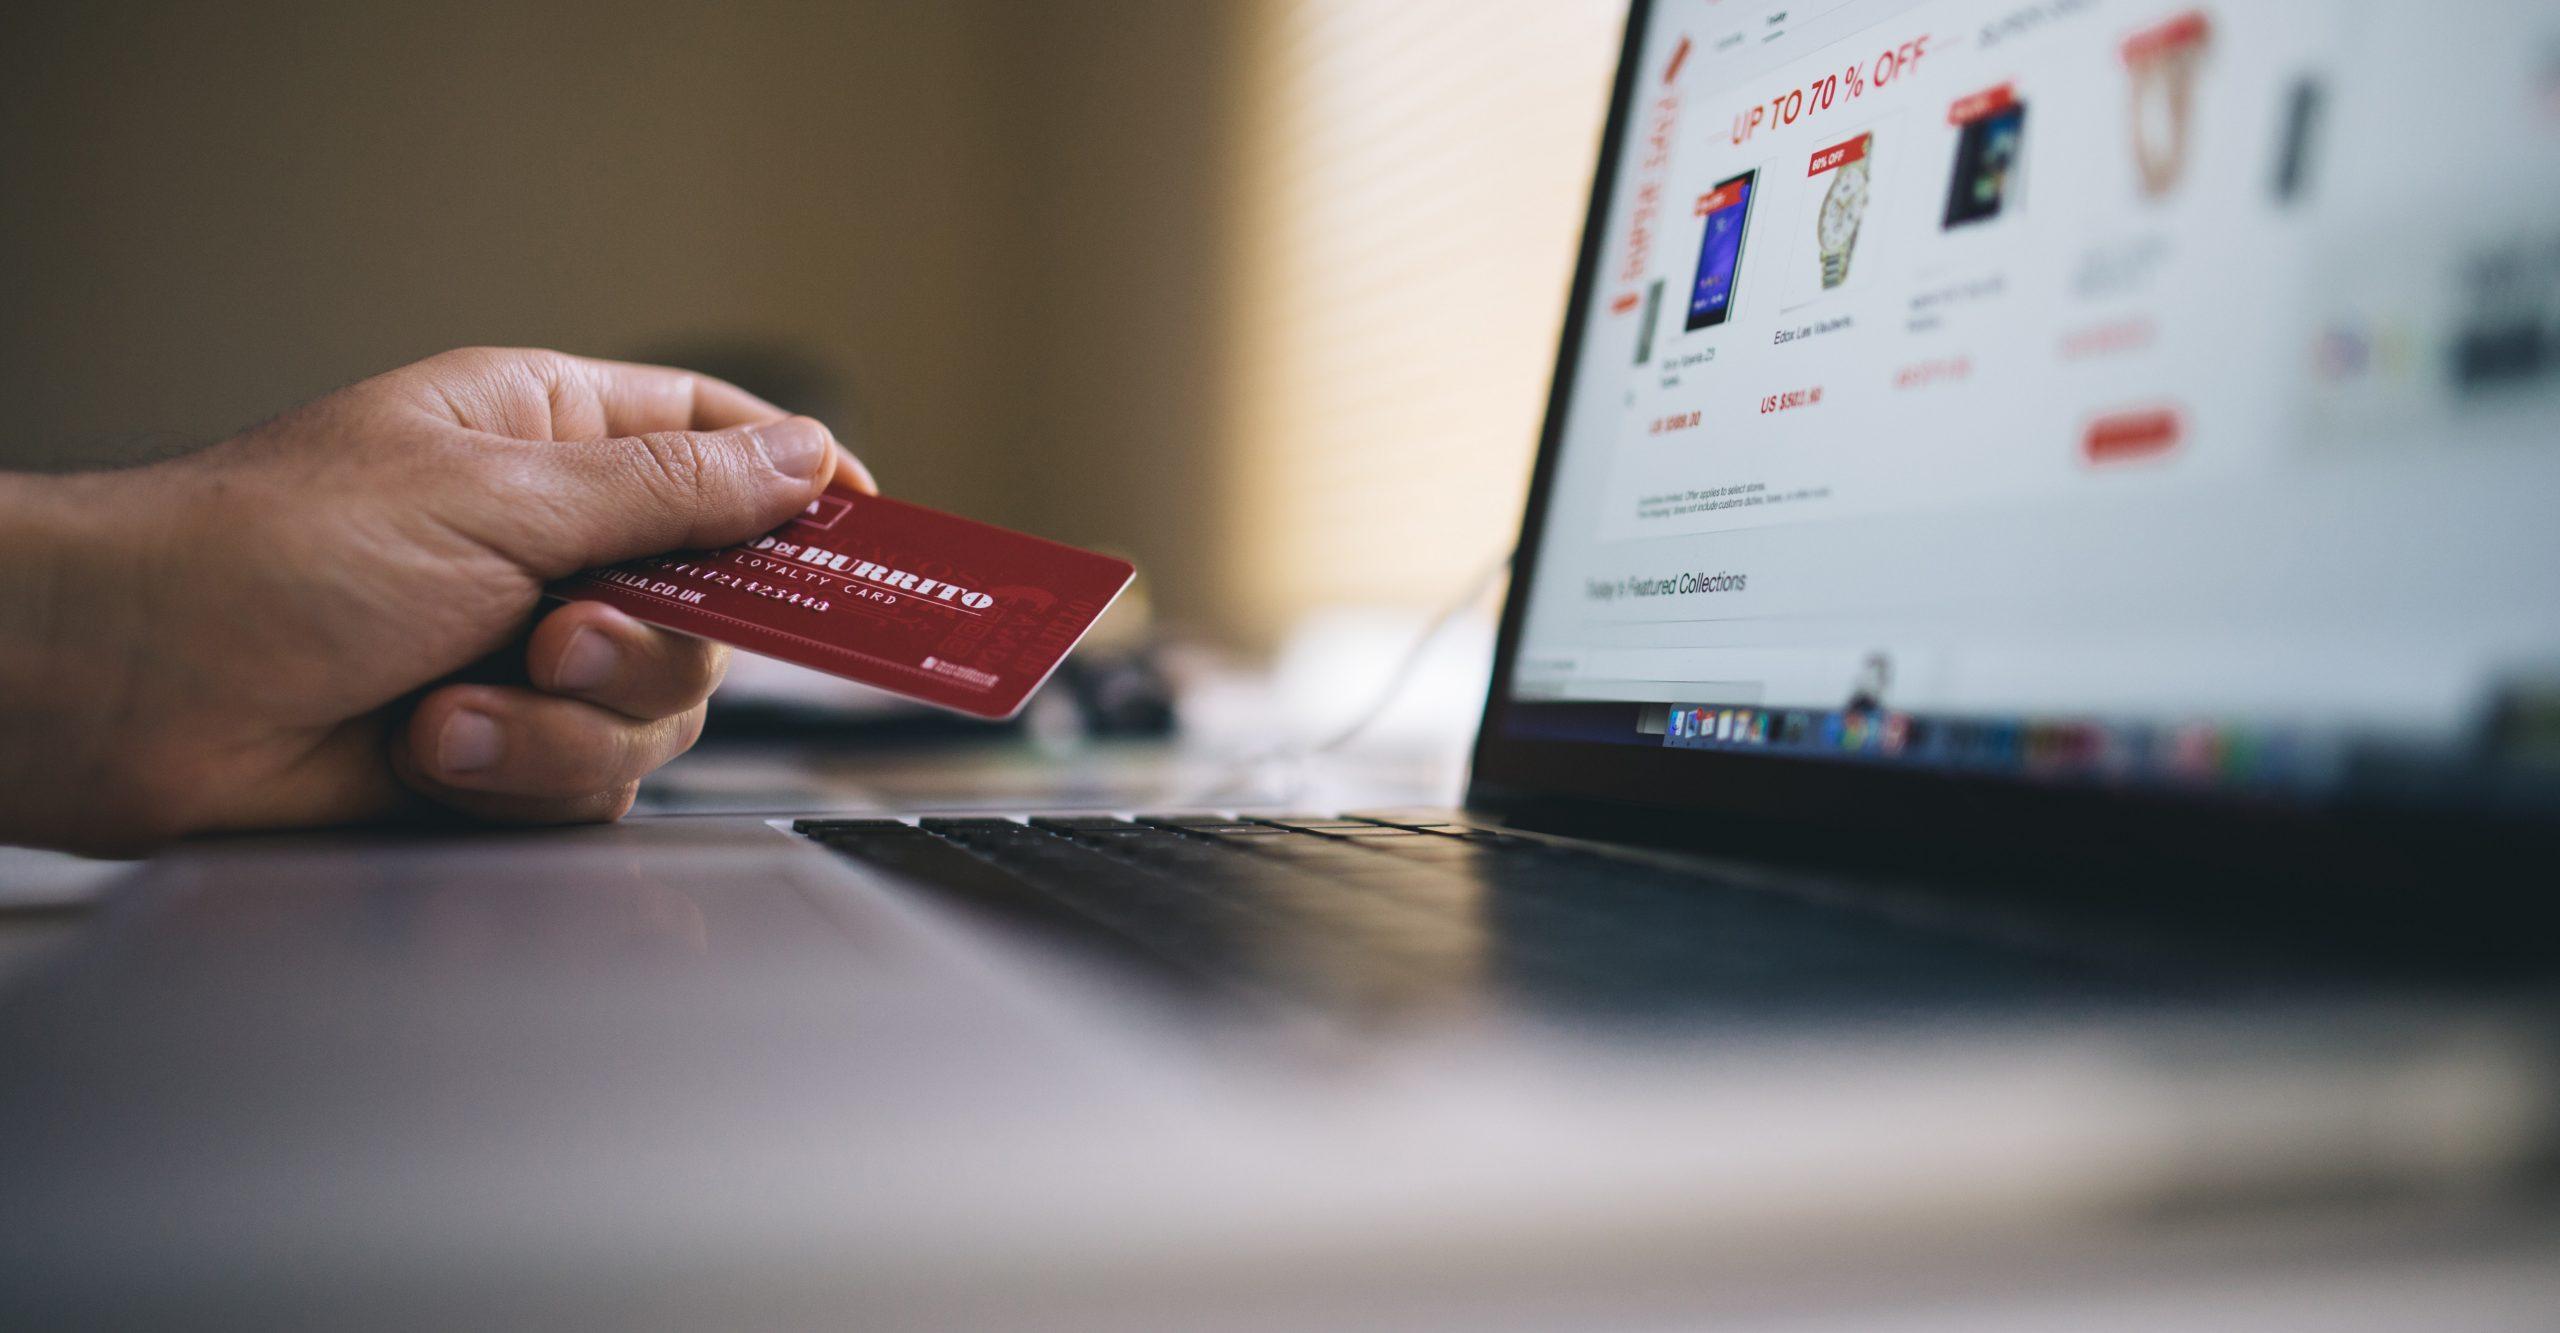 5 Best Platforms for E-Commerce